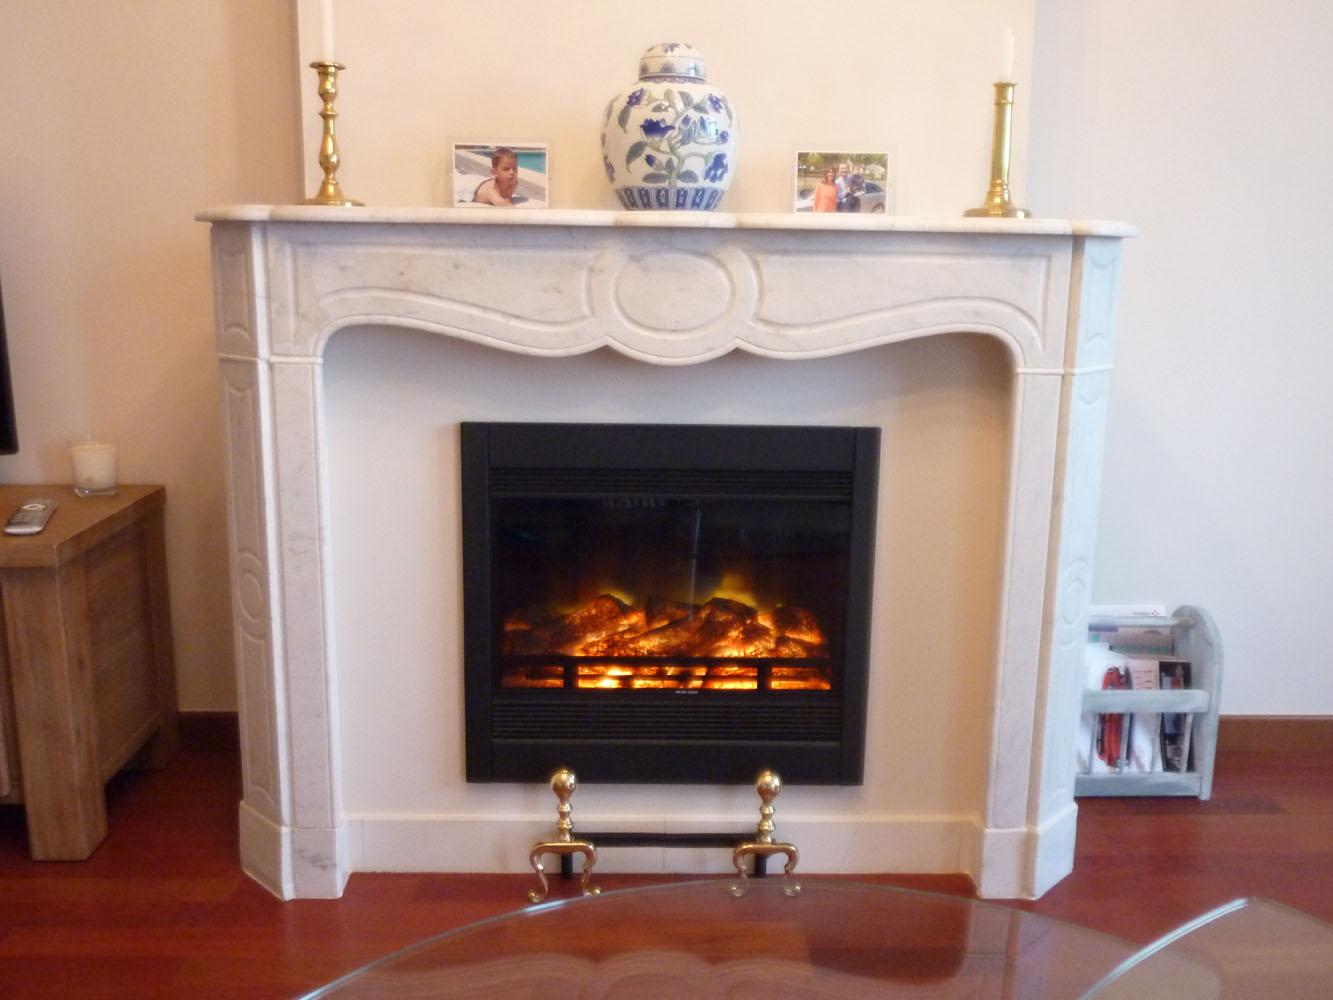 chemine electrique decorative trendy la chemine malaga. Black Bedroom Furniture Sets. Home Design Ideas